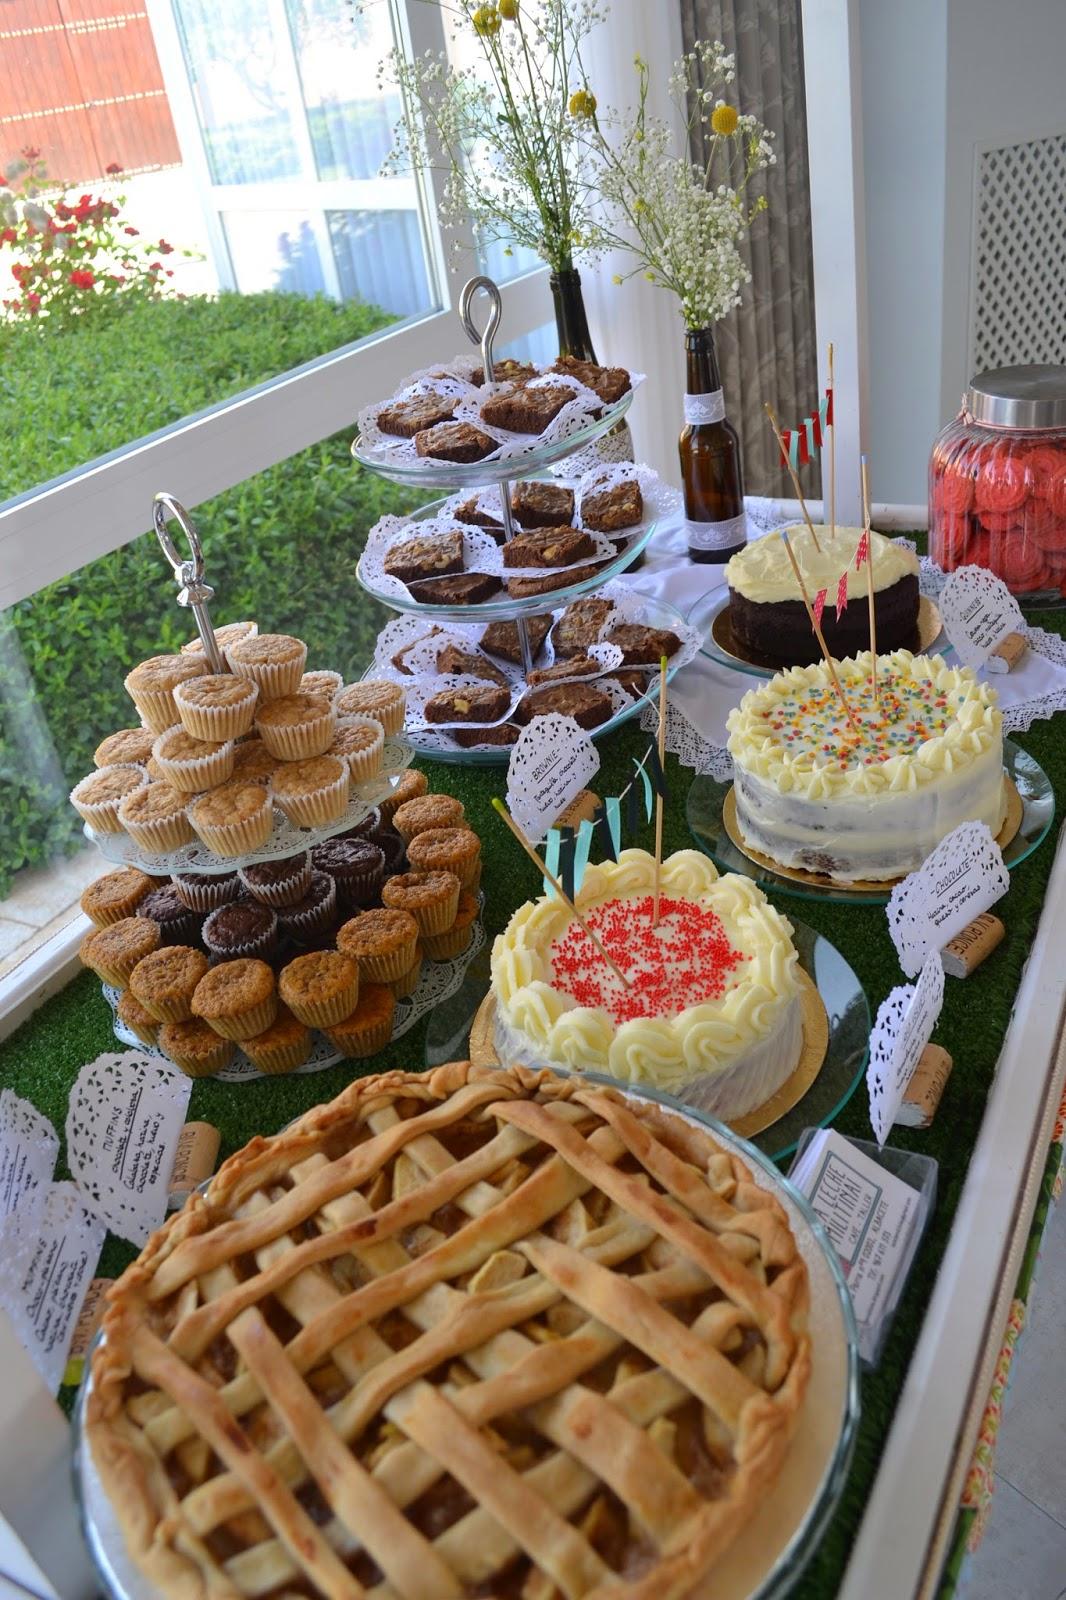 La leche militina mesas dulces y catering for Decoracion mesas dulces